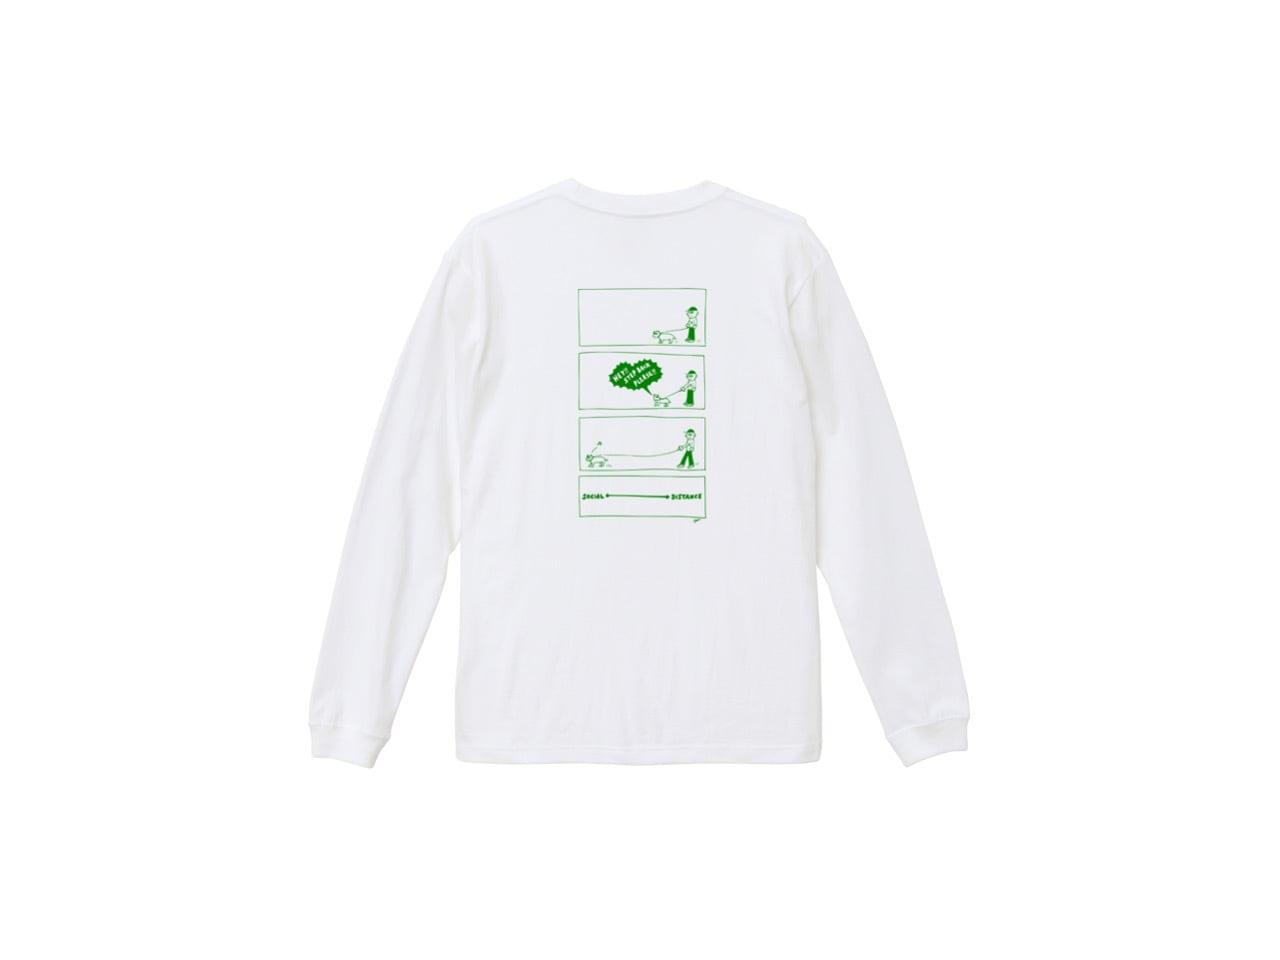 SHI × coguchi Dog SD long T-shirt (WH/GR)